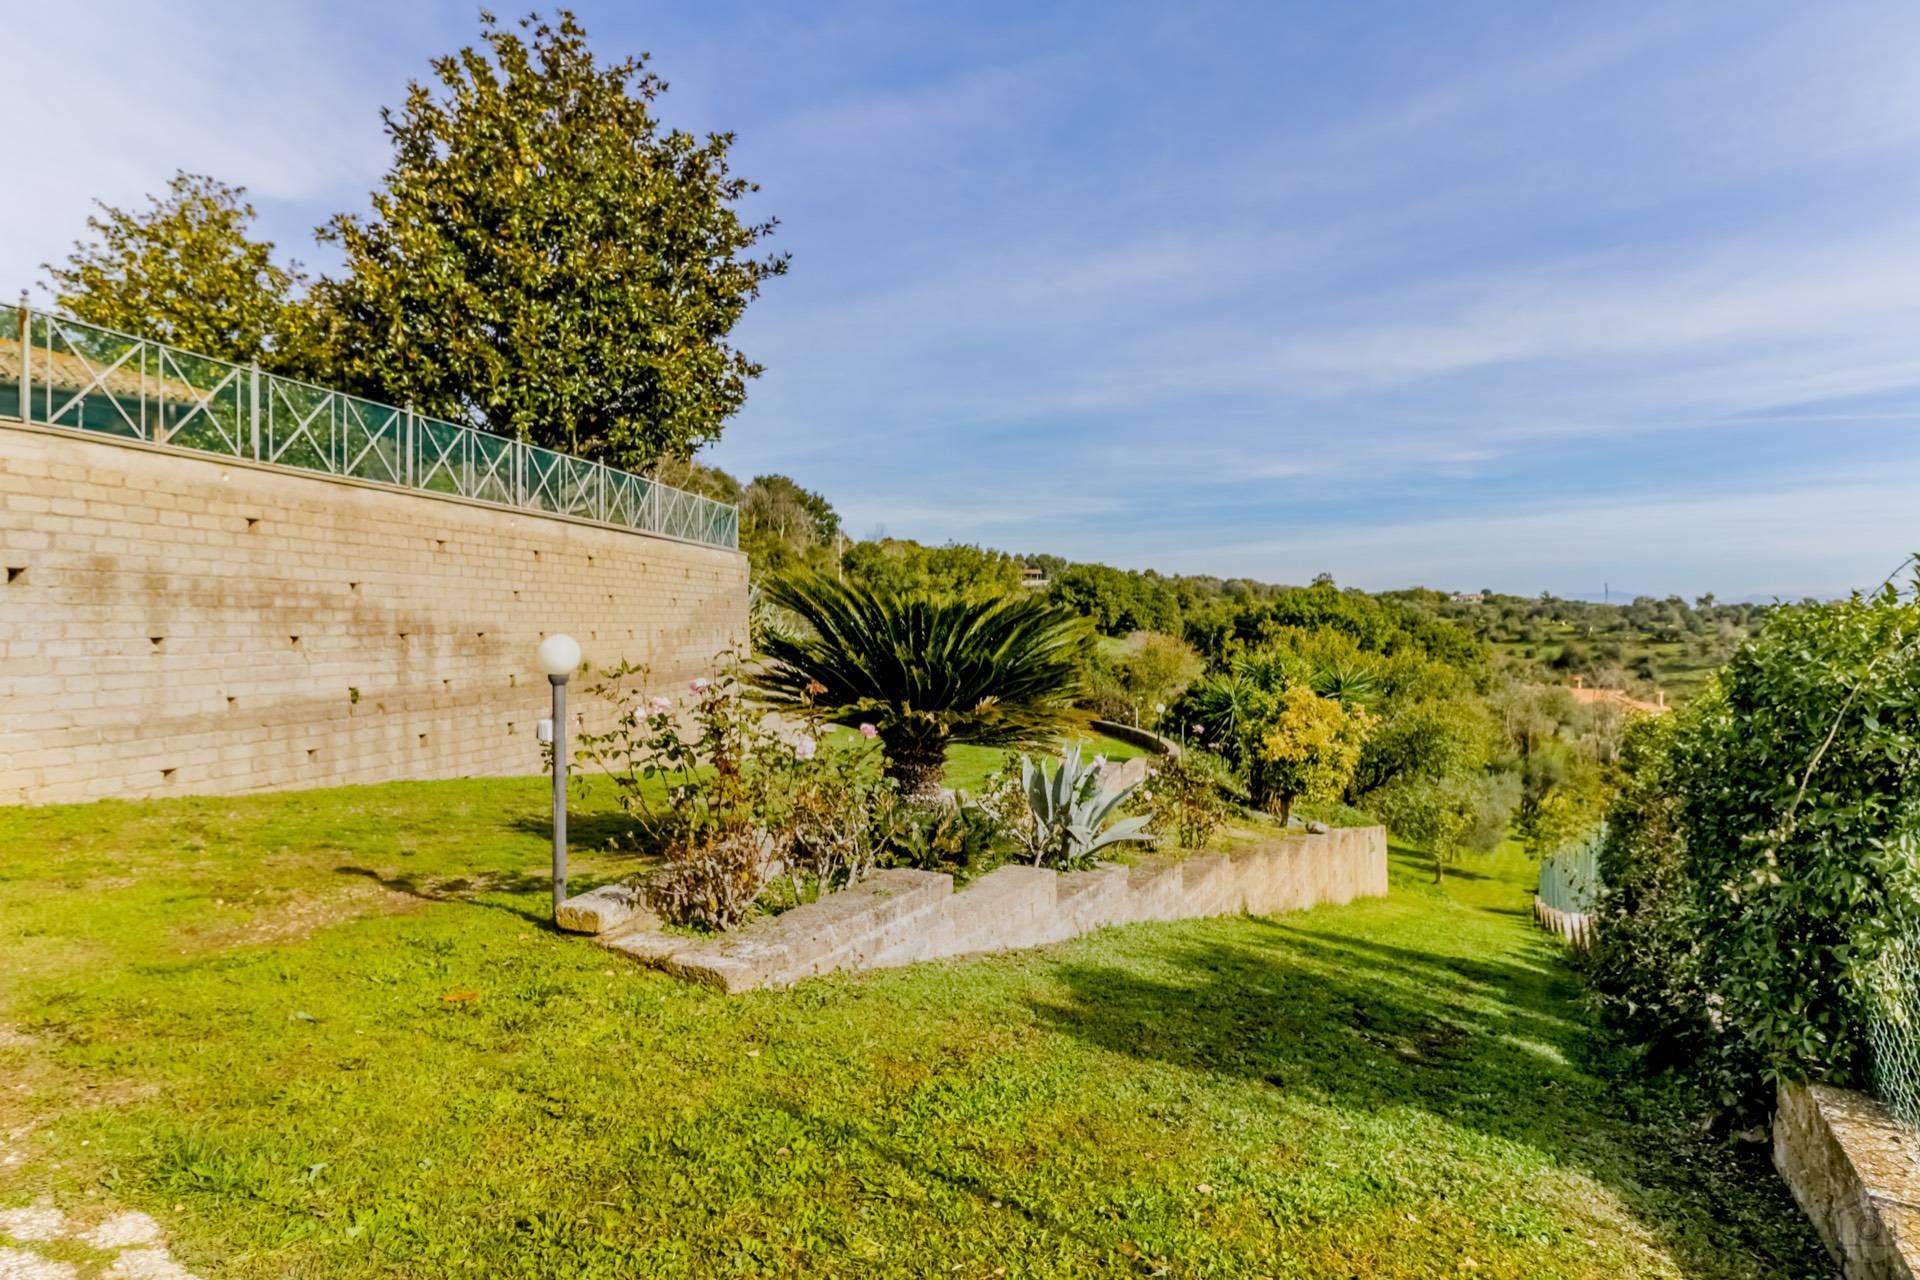 Villa in Vendita a Sacrofano: 5 locali, 180 mq - Foto 24